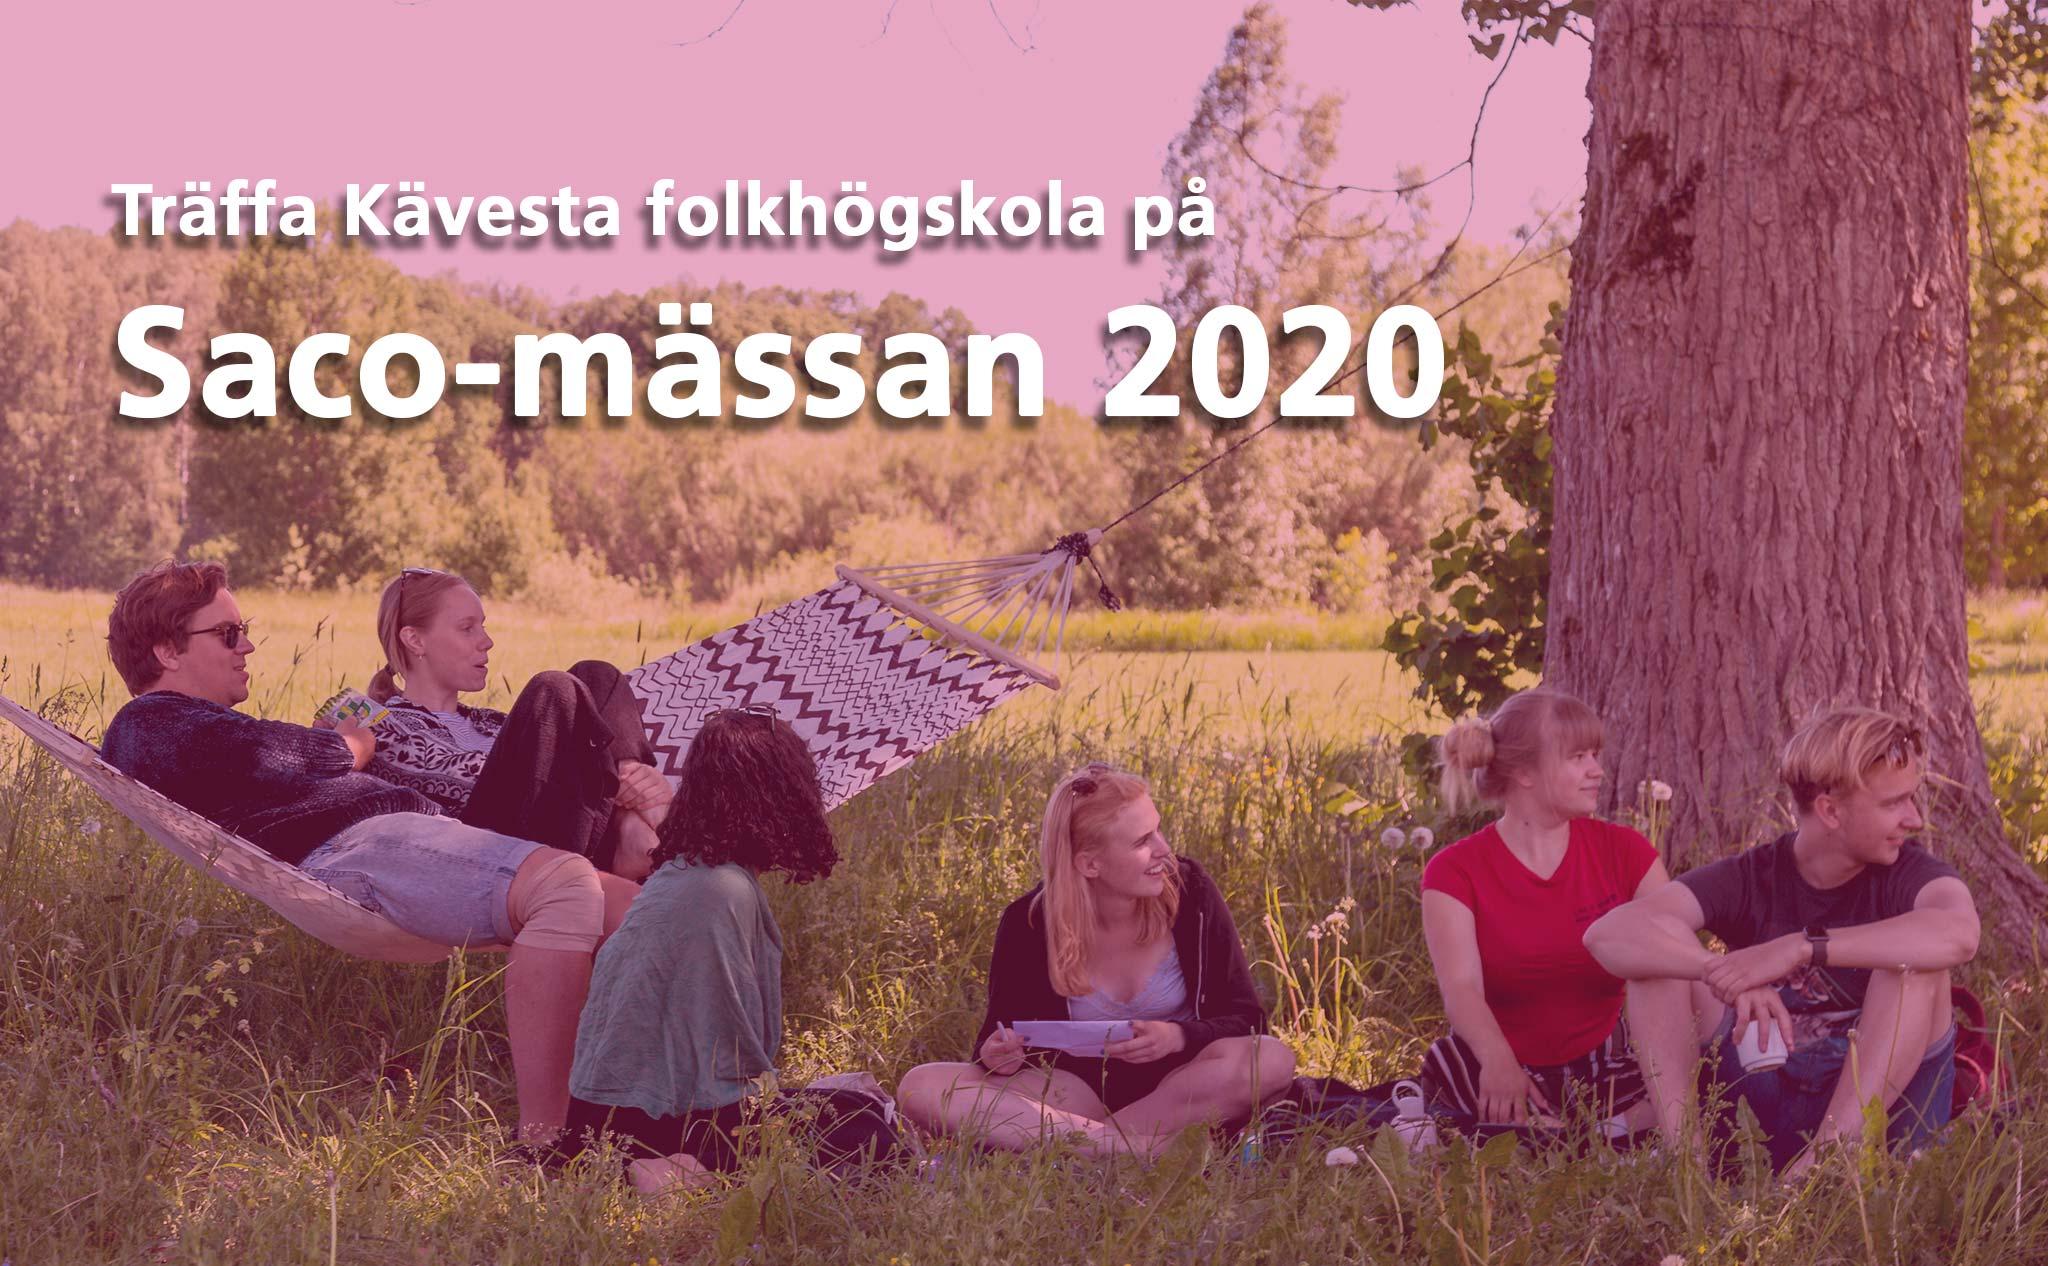 En grupp elever sitter i gräset under ett stort träd. Text: Träffa Kävesta folkhögskola på Saco-mässan 2020